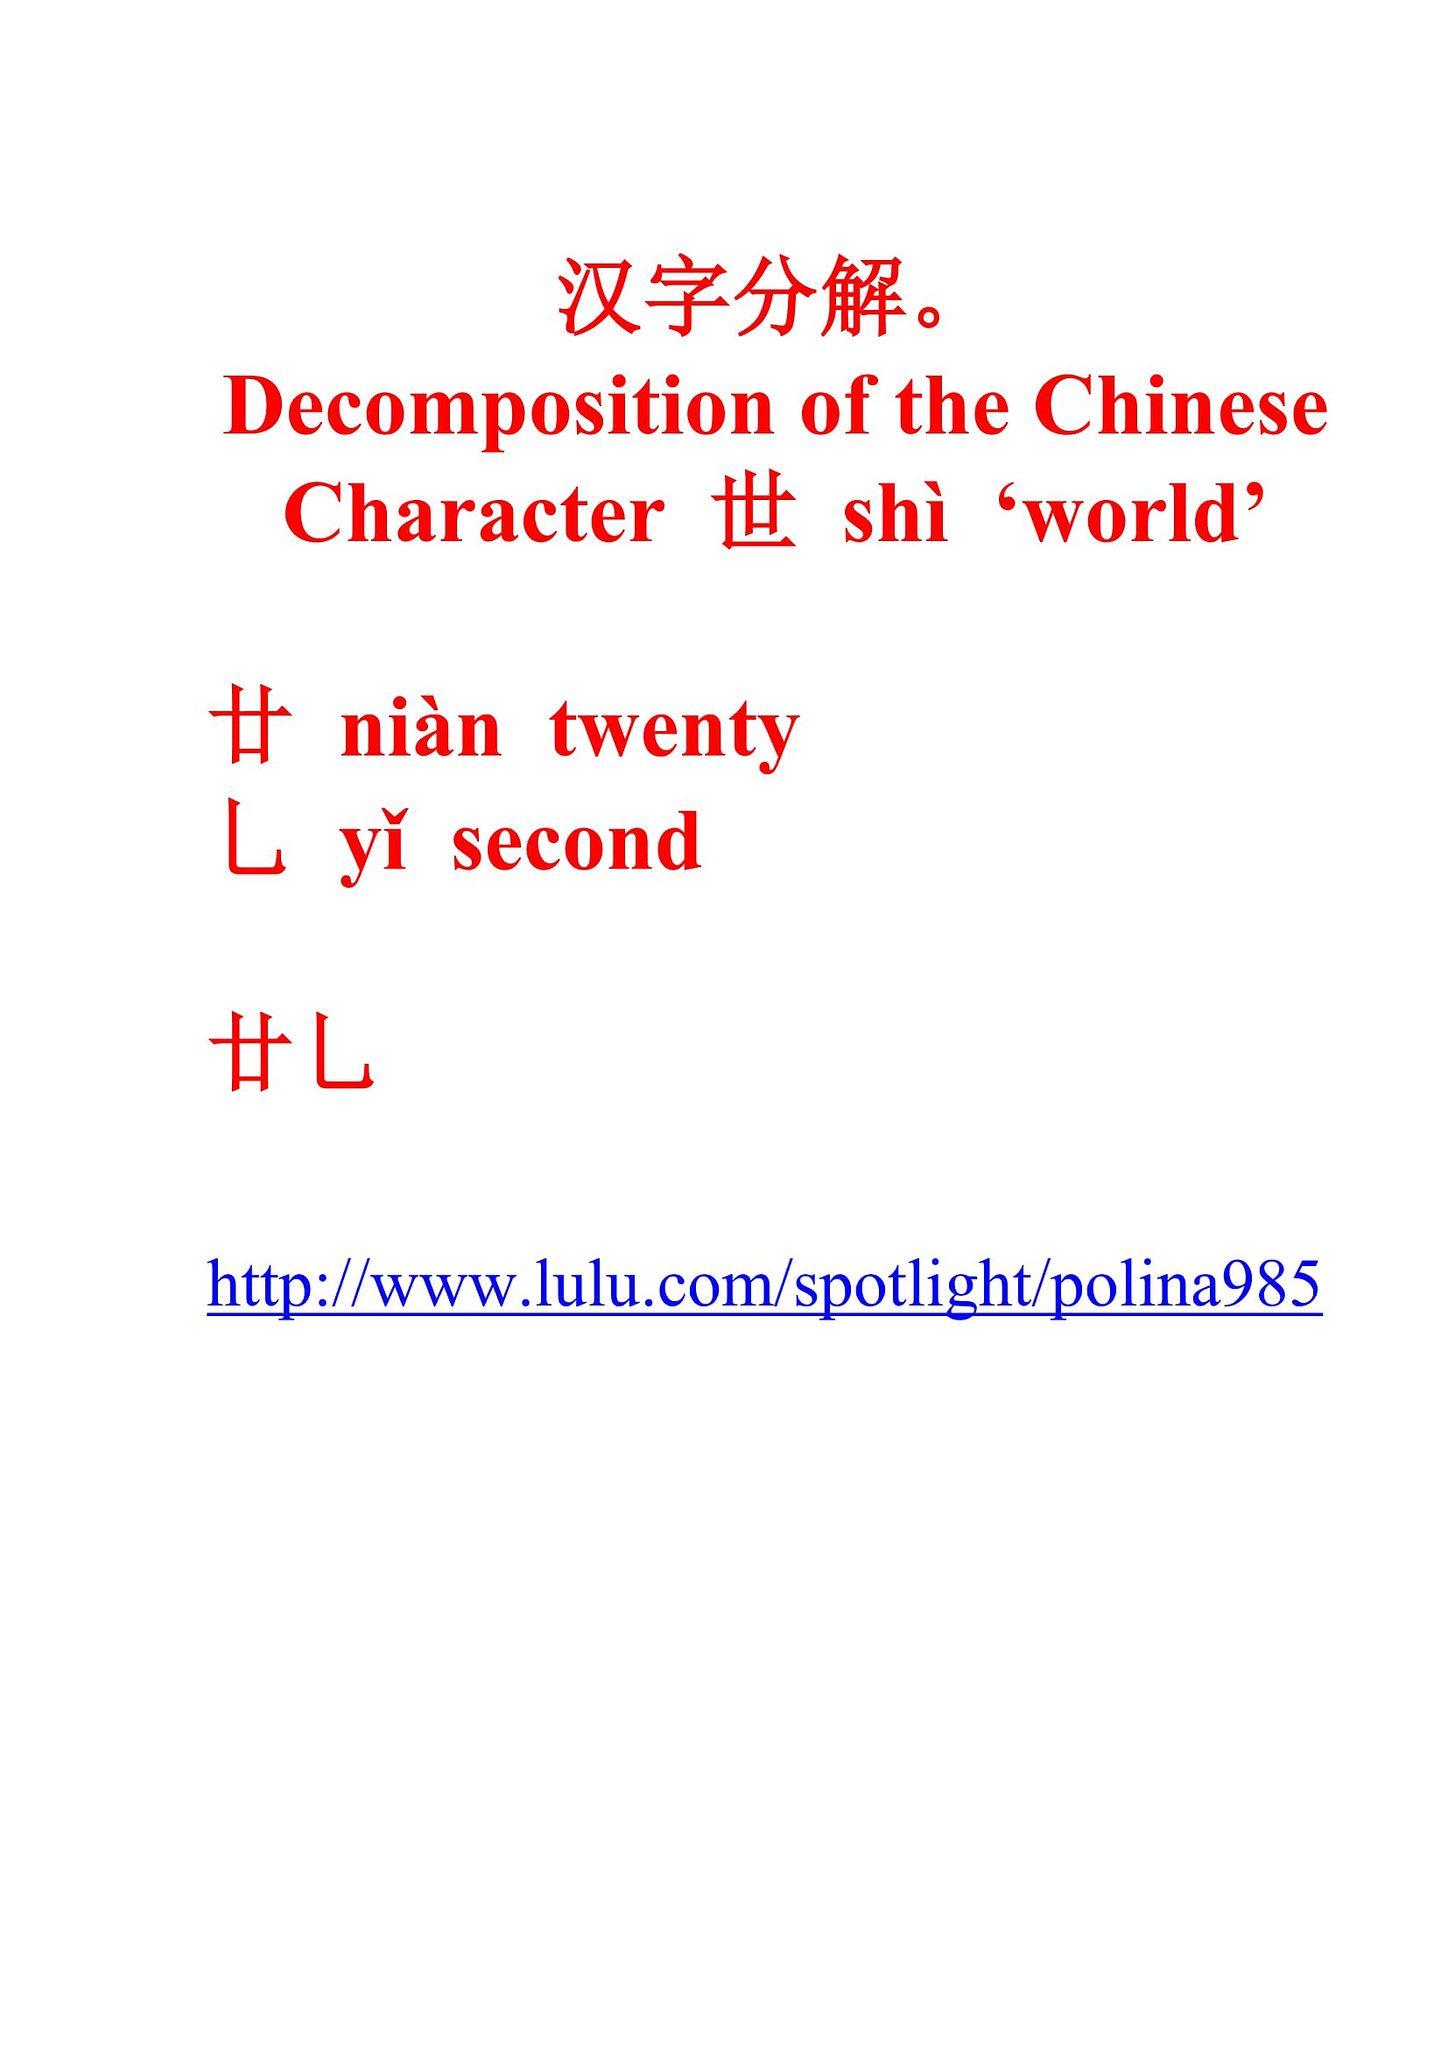 Chinese, Chinese-English, addition, advanced, analysis